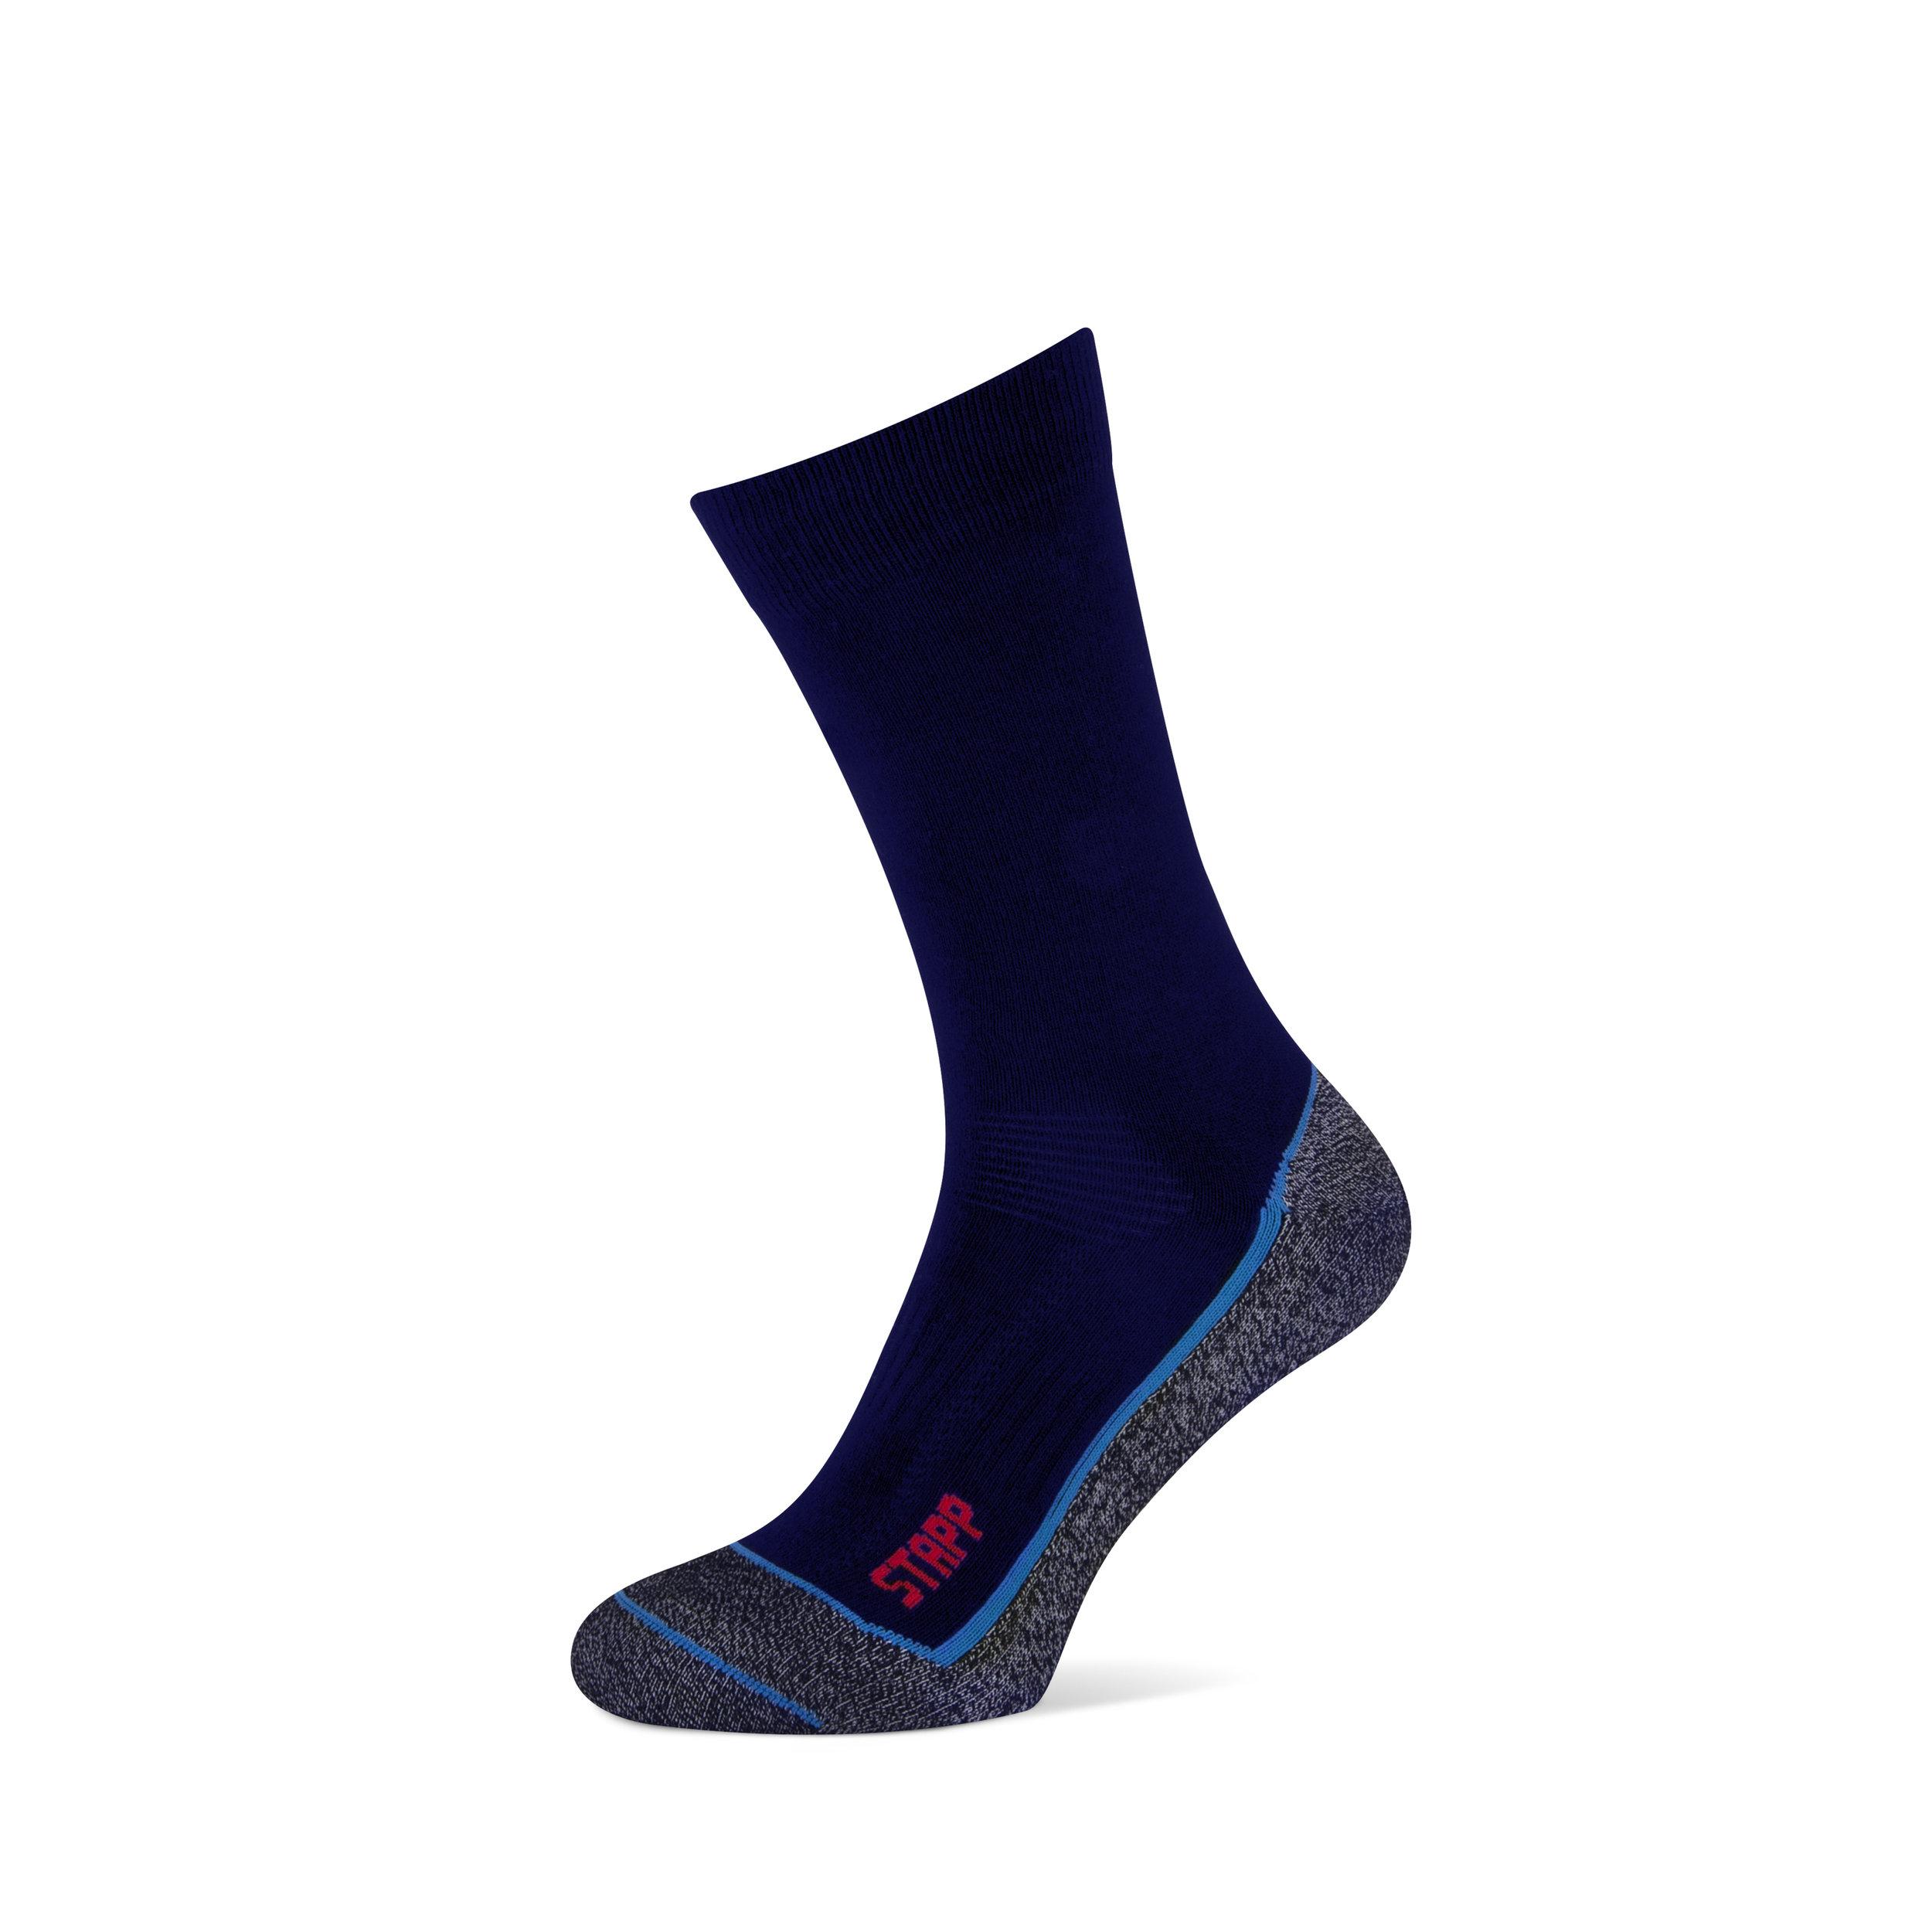 Boston Cool   • COOLMAX® High-Tech-Faser beugt überhitzen vor, hält den Fuß trocken und ist weich, leicht und komfortabel im Tragen.  • CORDURA® ist extra stark und sehr leistunsfähig beim Tragen.  • Perfekt sitzende und dünne Arbeitssocken extra entwickelt für wärmere Tage. Verstärkter Fersen-und Zehenbereich.  • Luftkanäle für optimale Verdunstung durch Luftzirkulation im Schuh.  • Perfekte Paßform, weicher Komfort-Bund.  • Flache Zehennaht, daher kaum Druckstellen. • Verfügbar in 2 Farben